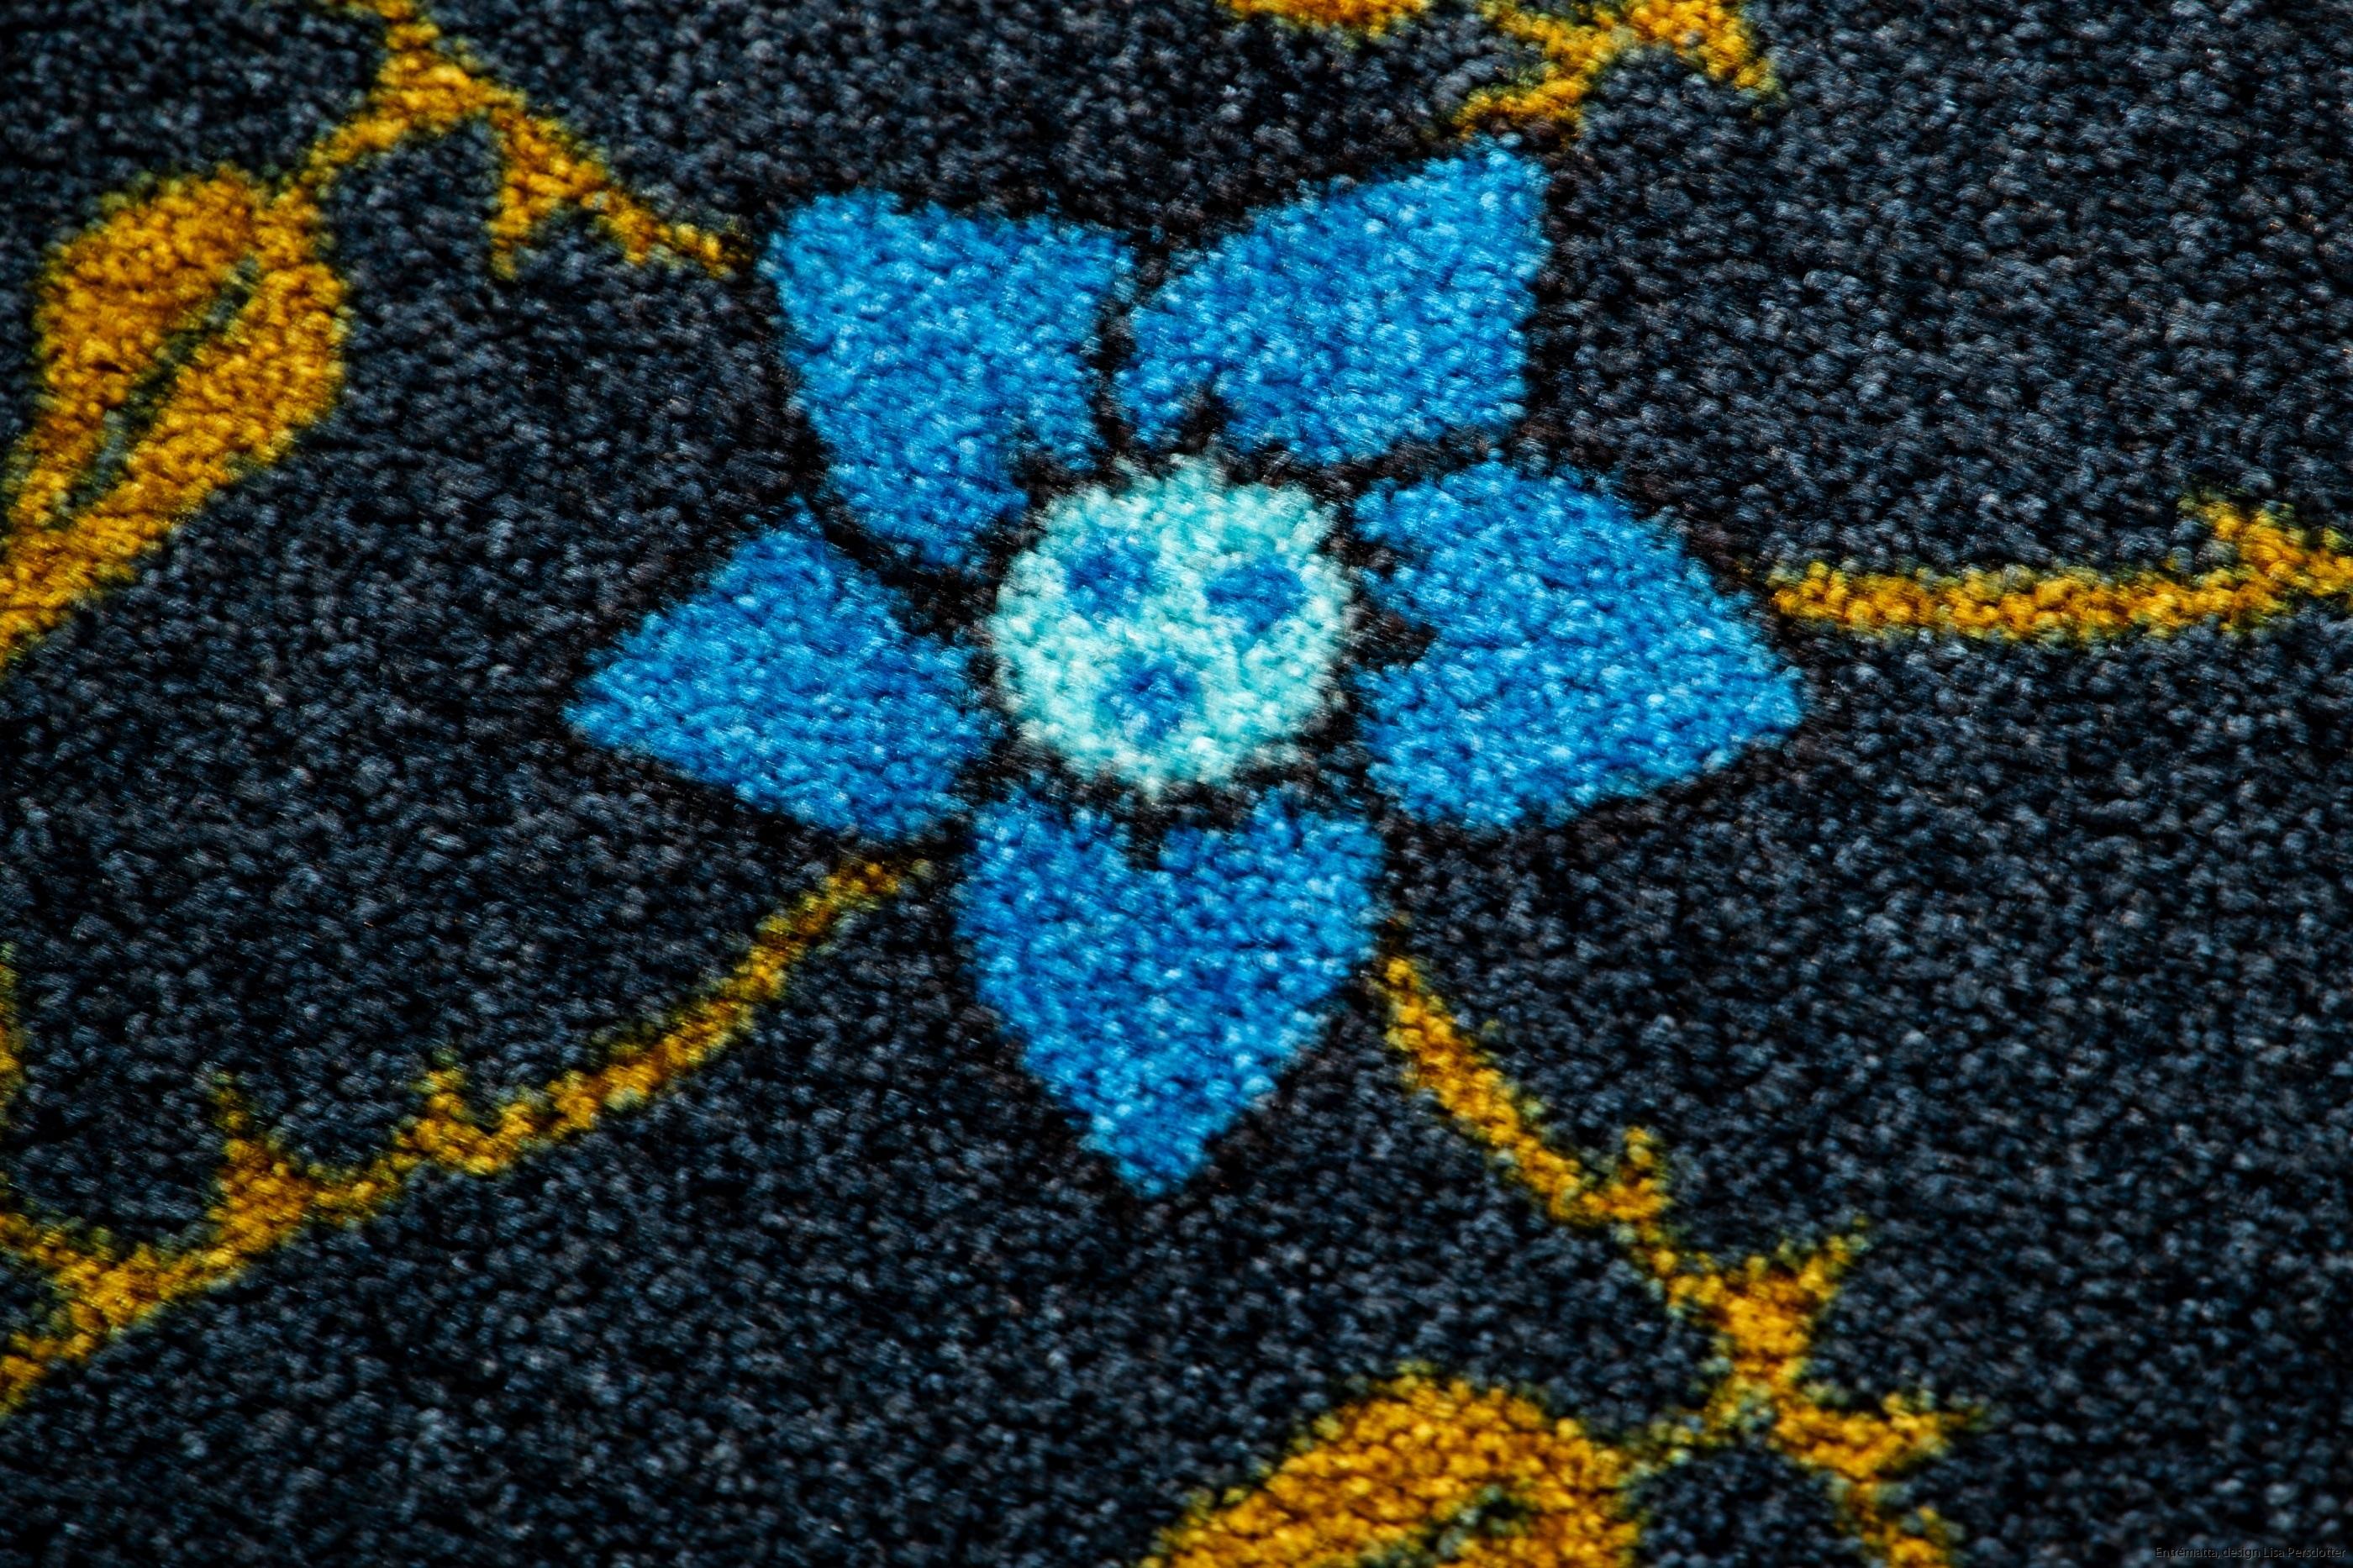 Blomma blå entrematta design maskintvätt 60